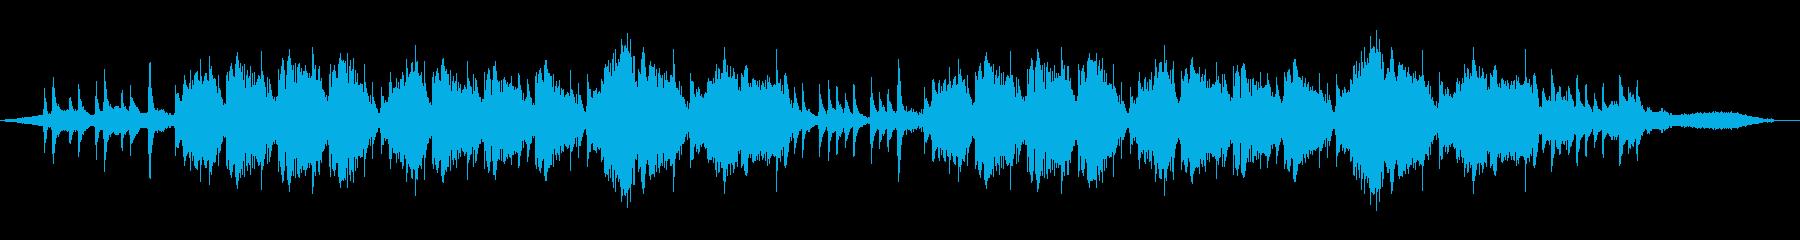 和風でアジアンな篠笛とダルシマーのワルツの再生済みの波形